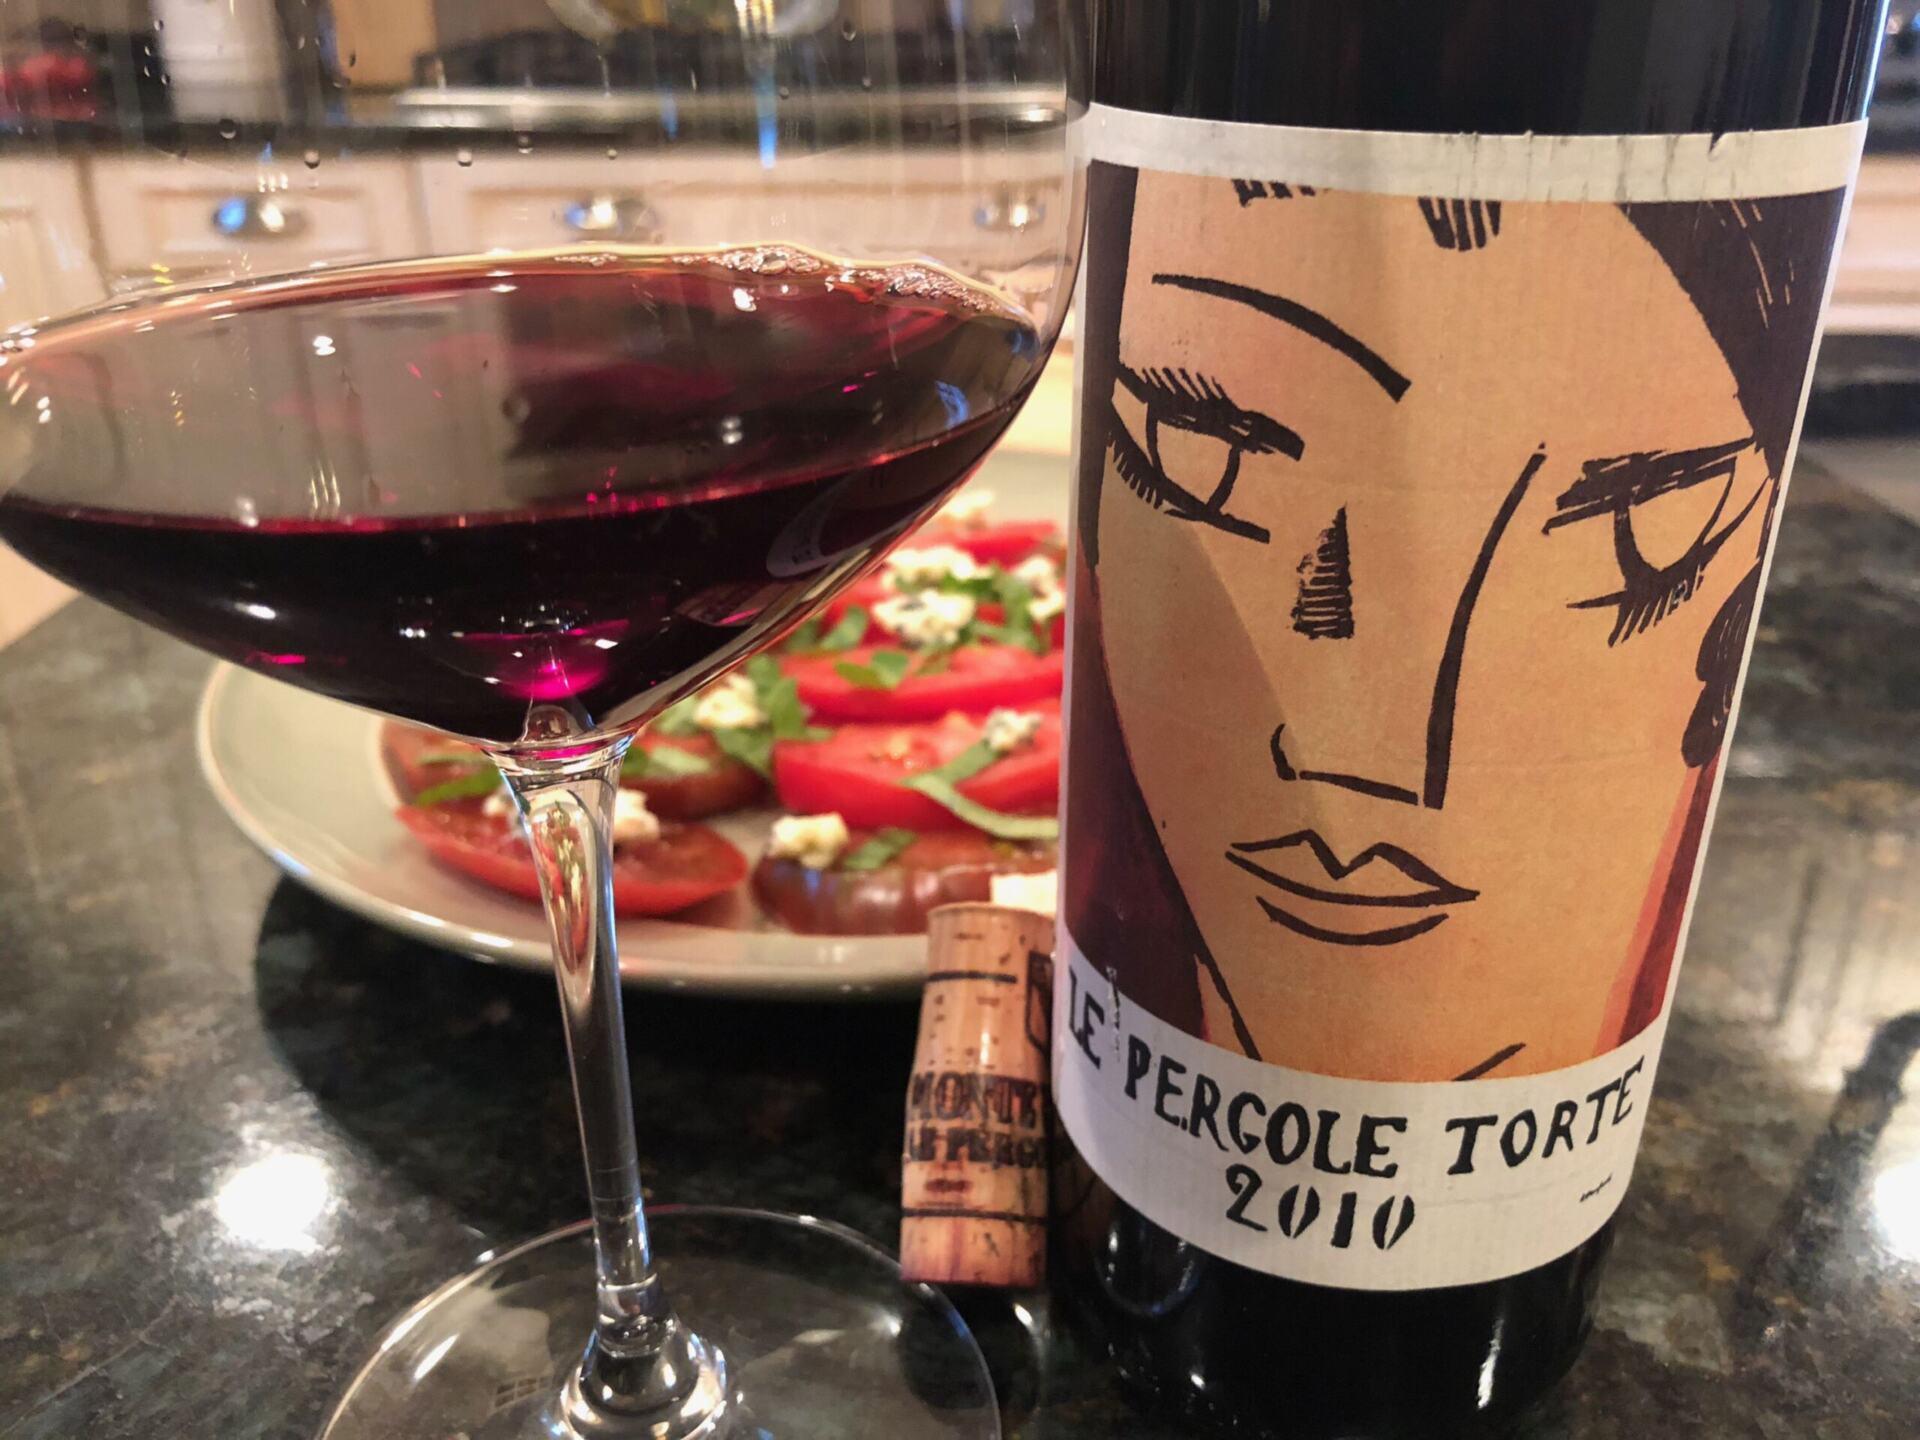 Le Pergole Torte wine in glass